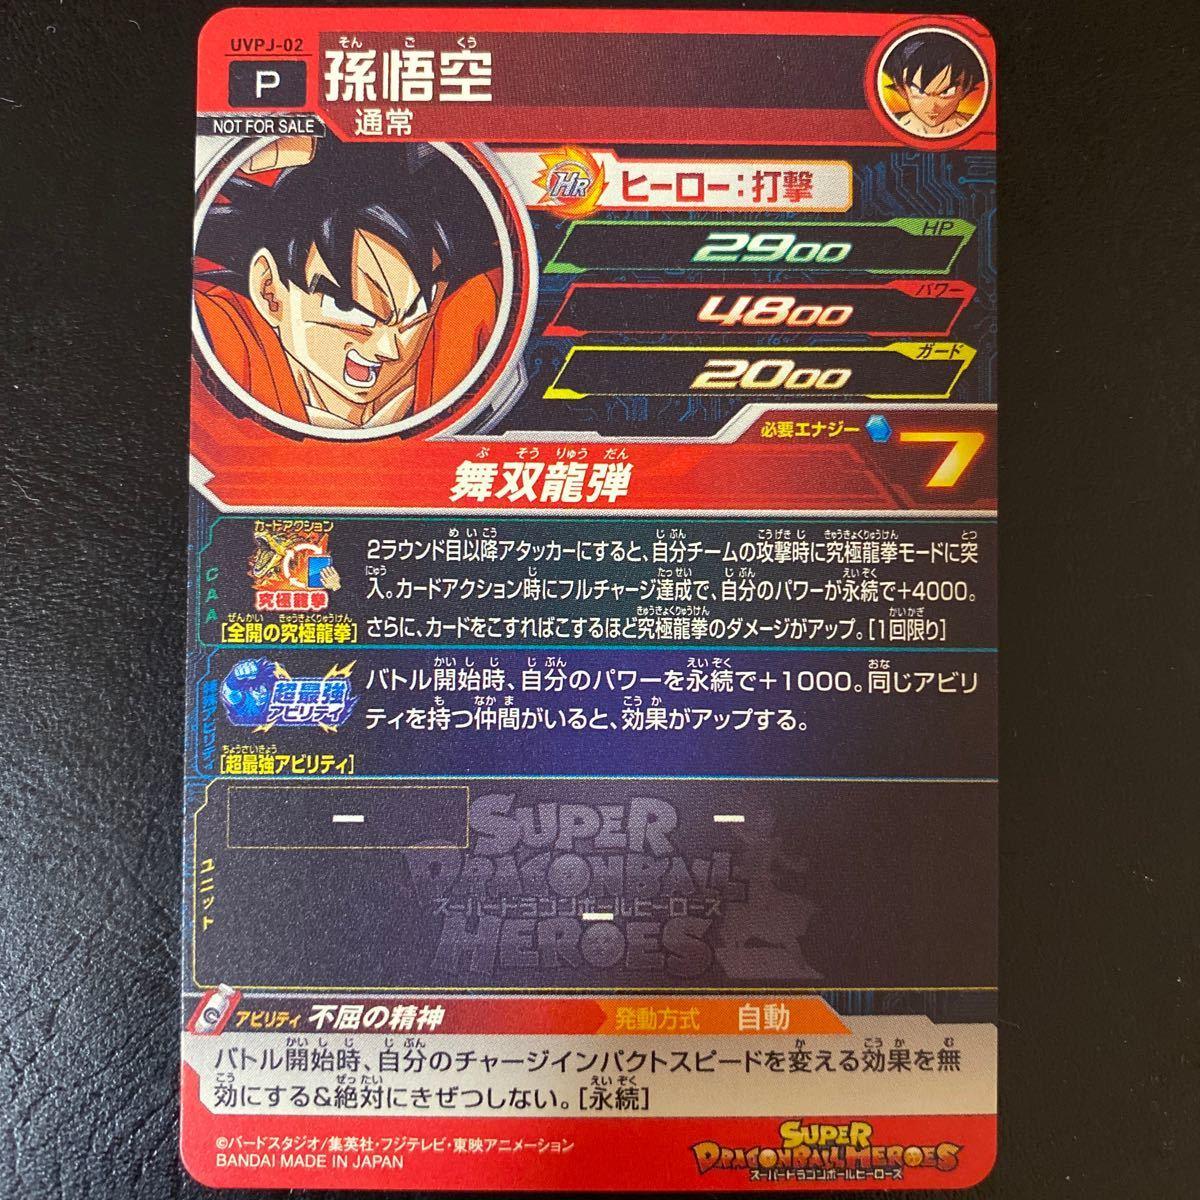 ドラゴンボールヒーローズ 最強カード